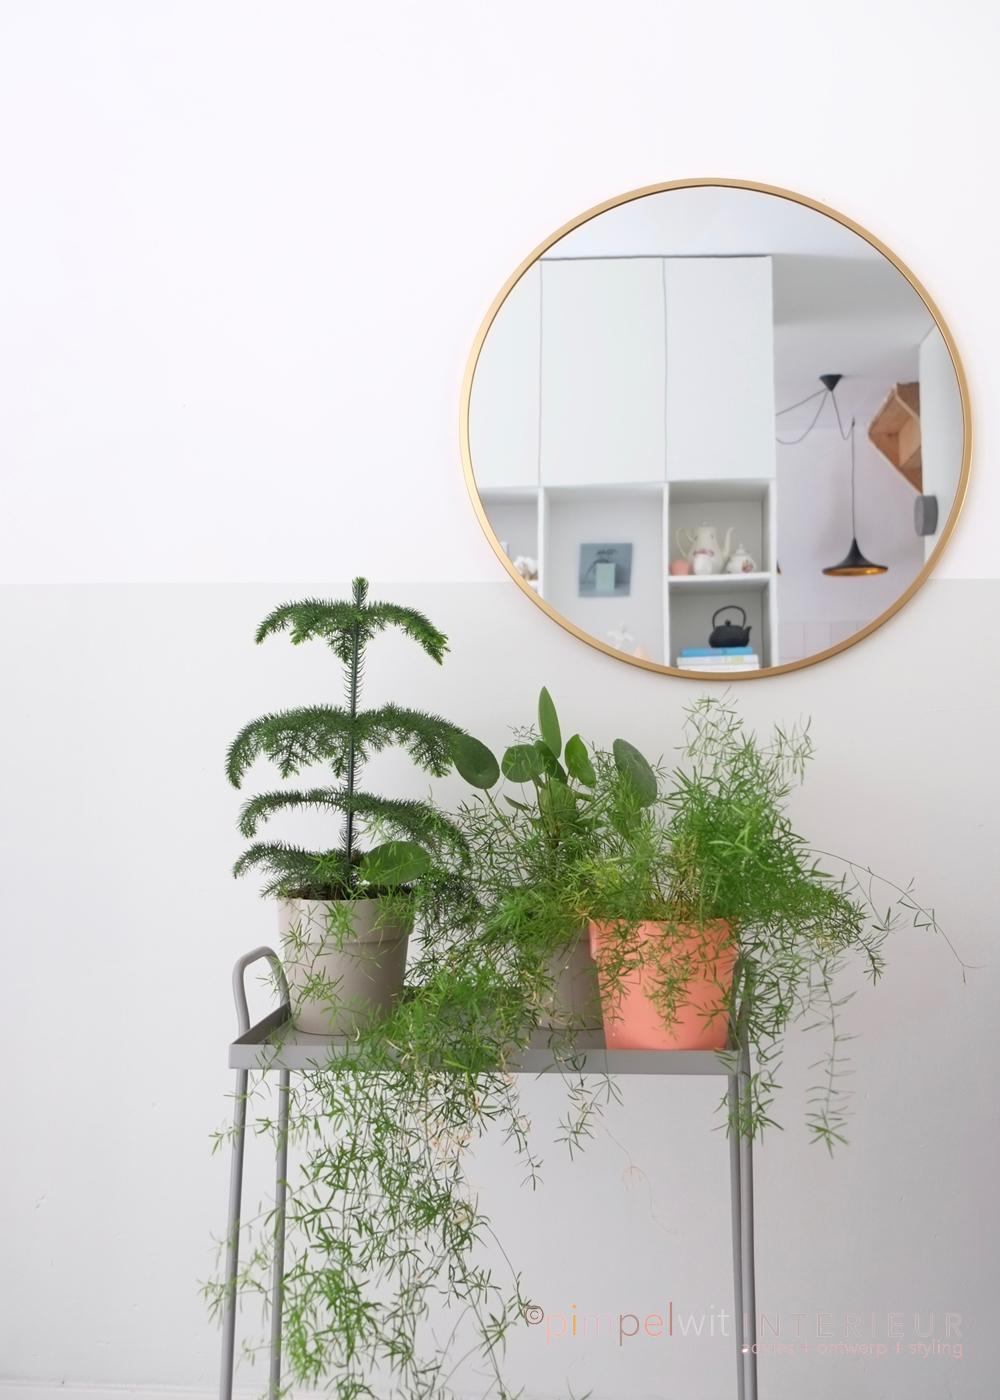 nieuwbouwwoning-verbouwen-verhuizen-Interieuradvies-interieurstyling